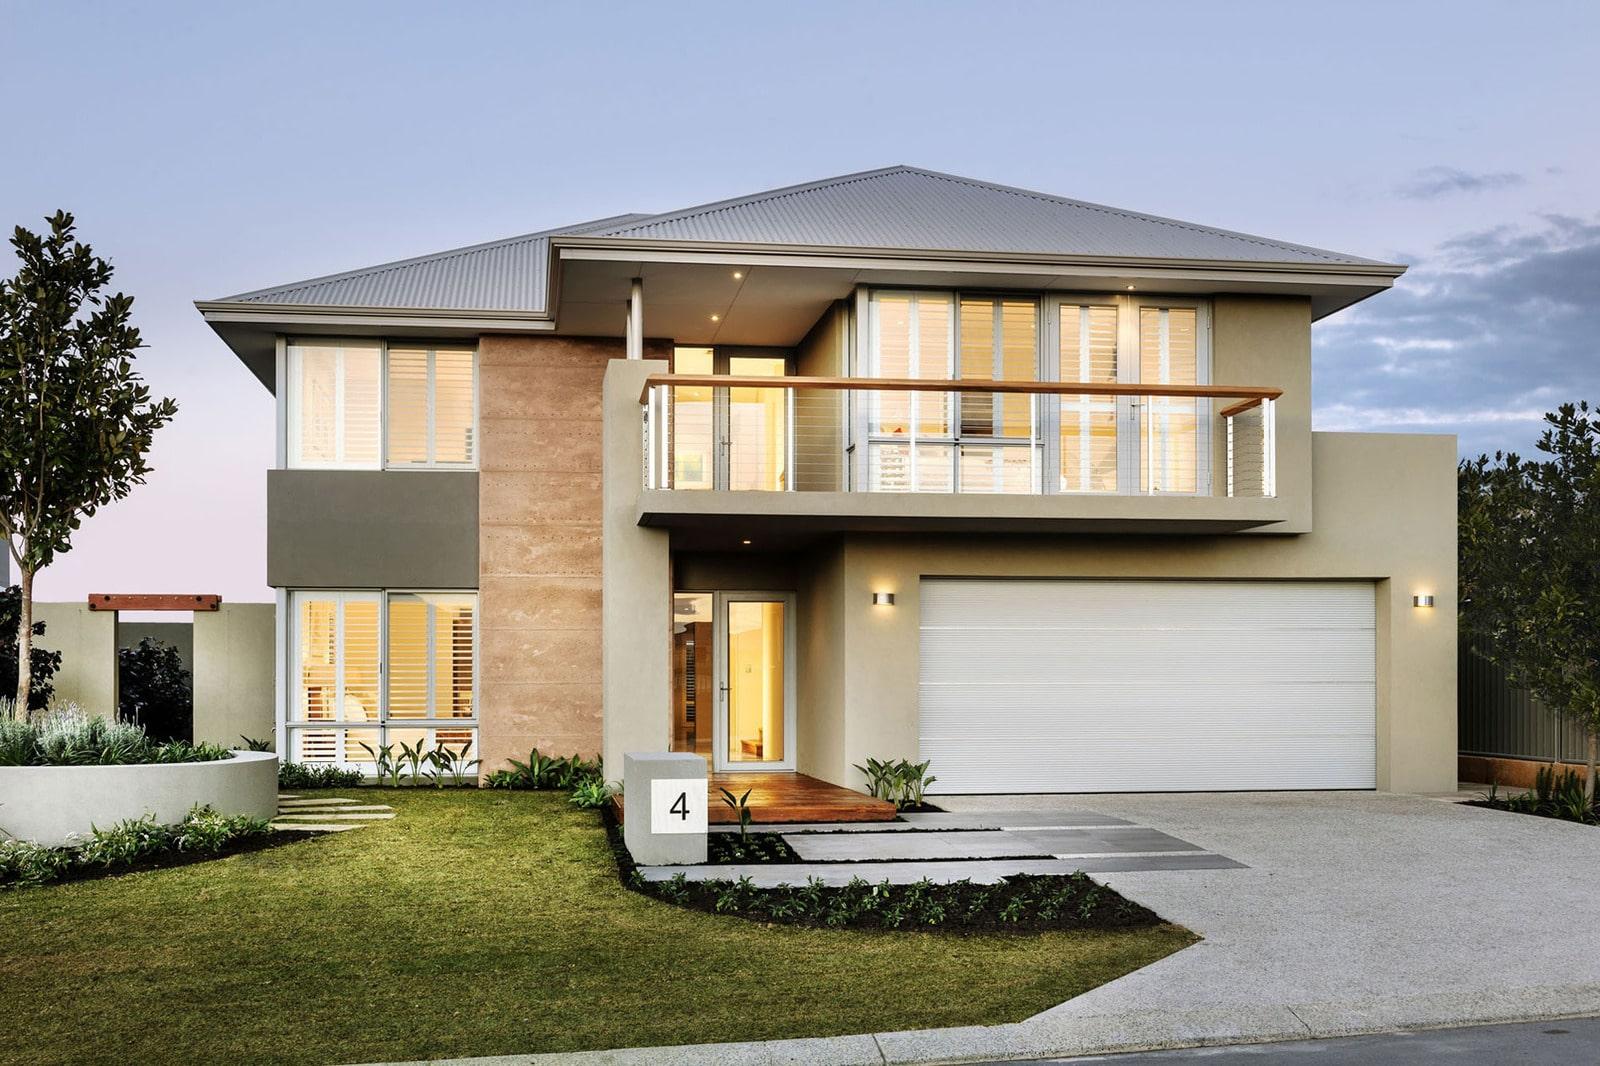 Dise o de casa moderna de dos pisos fachada e interiores for Planos para casas de dos pisos modernas